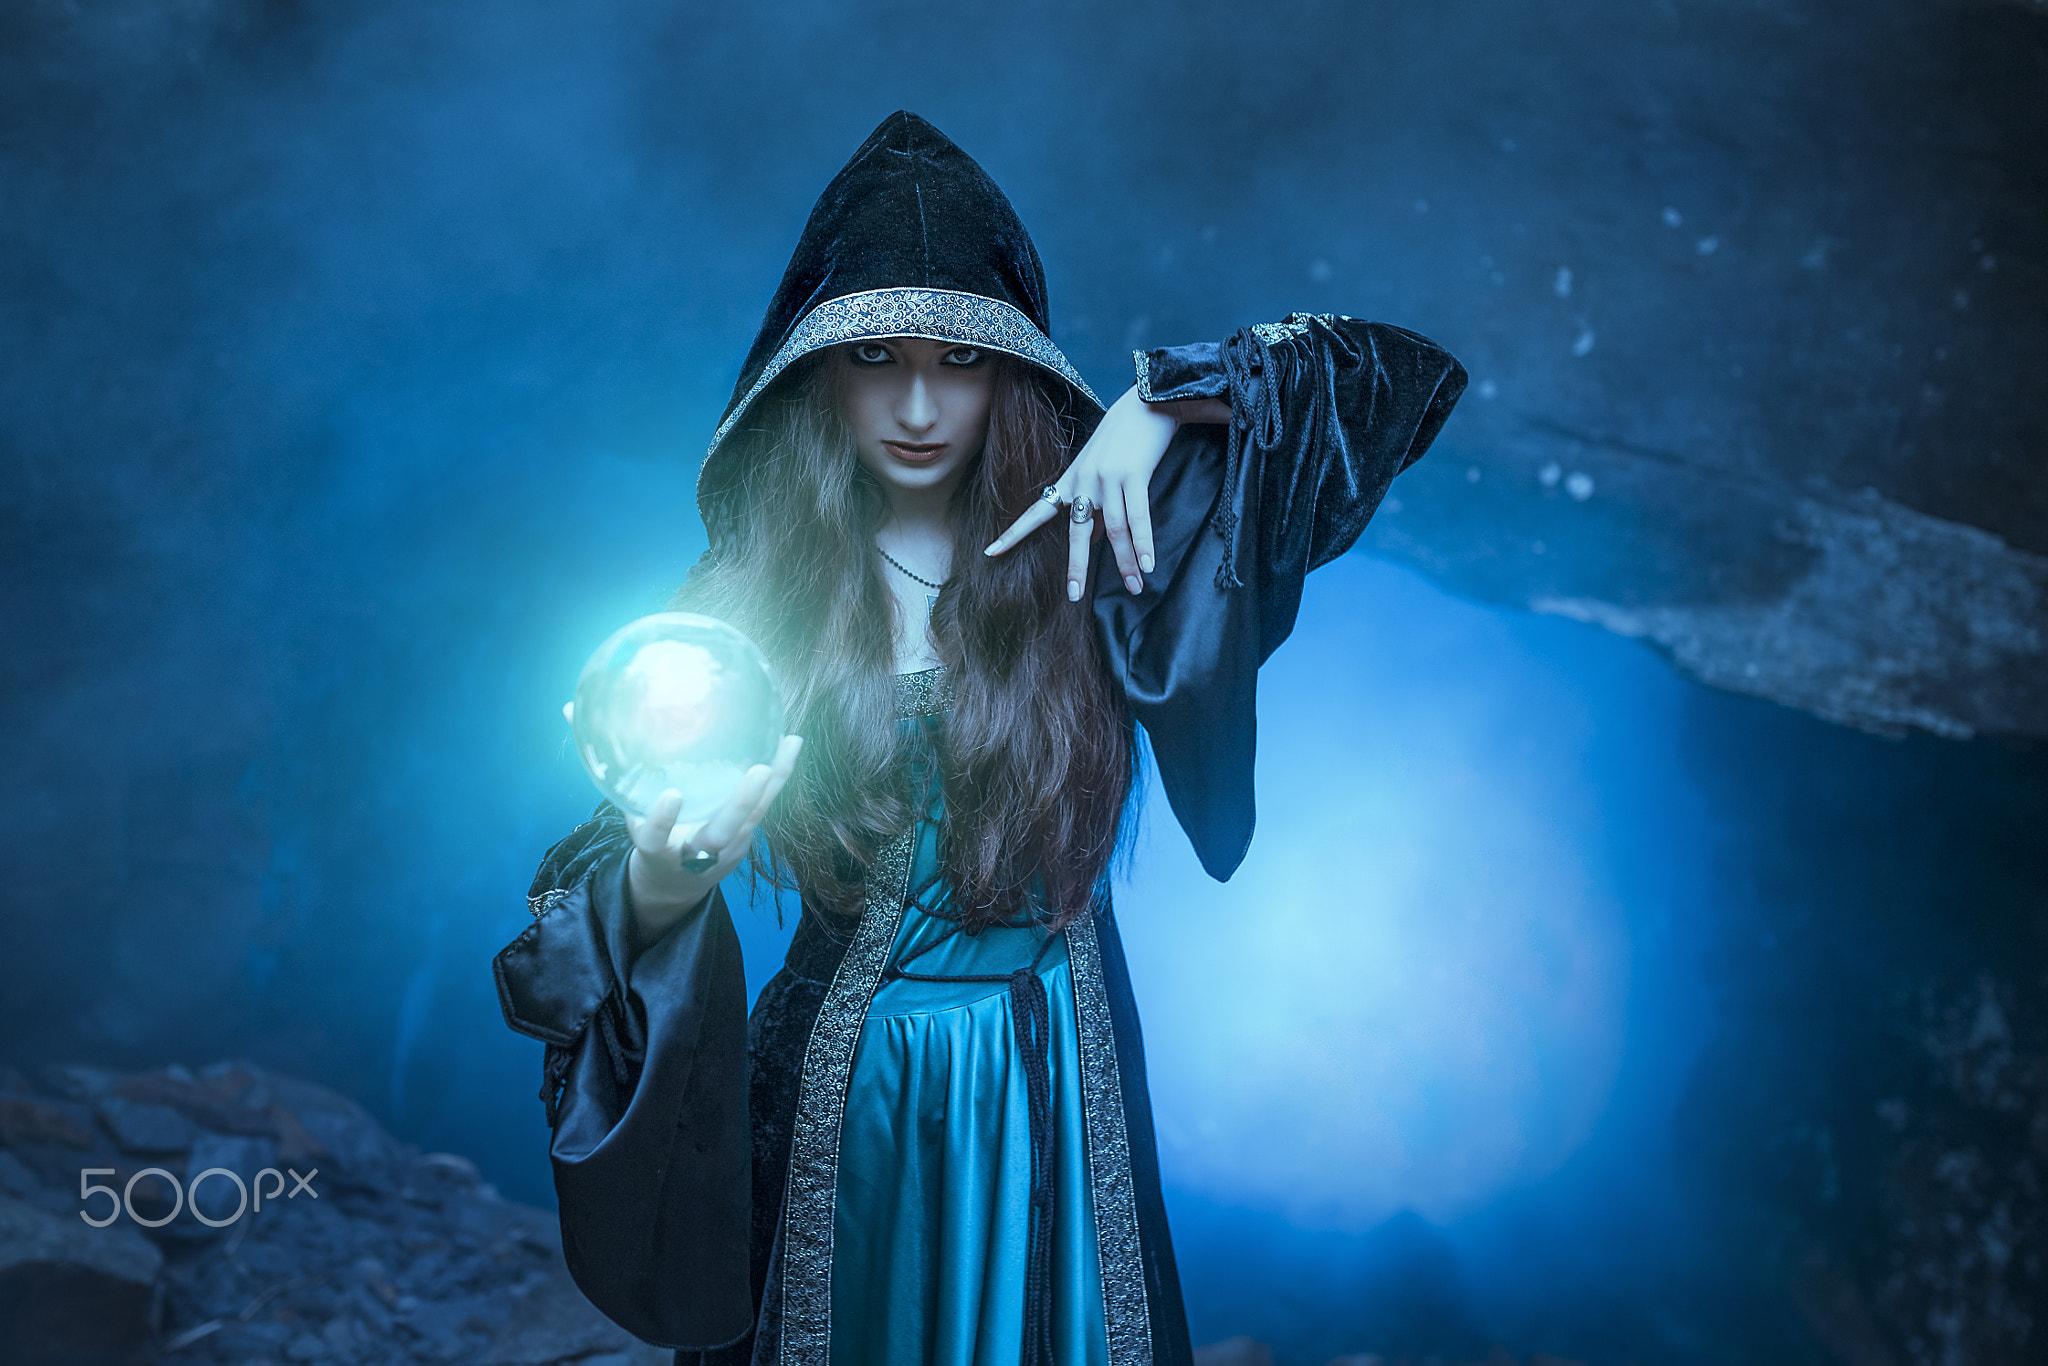 Wallpaper Magic 500px Fantasy Girl Women Blue Model Hoods